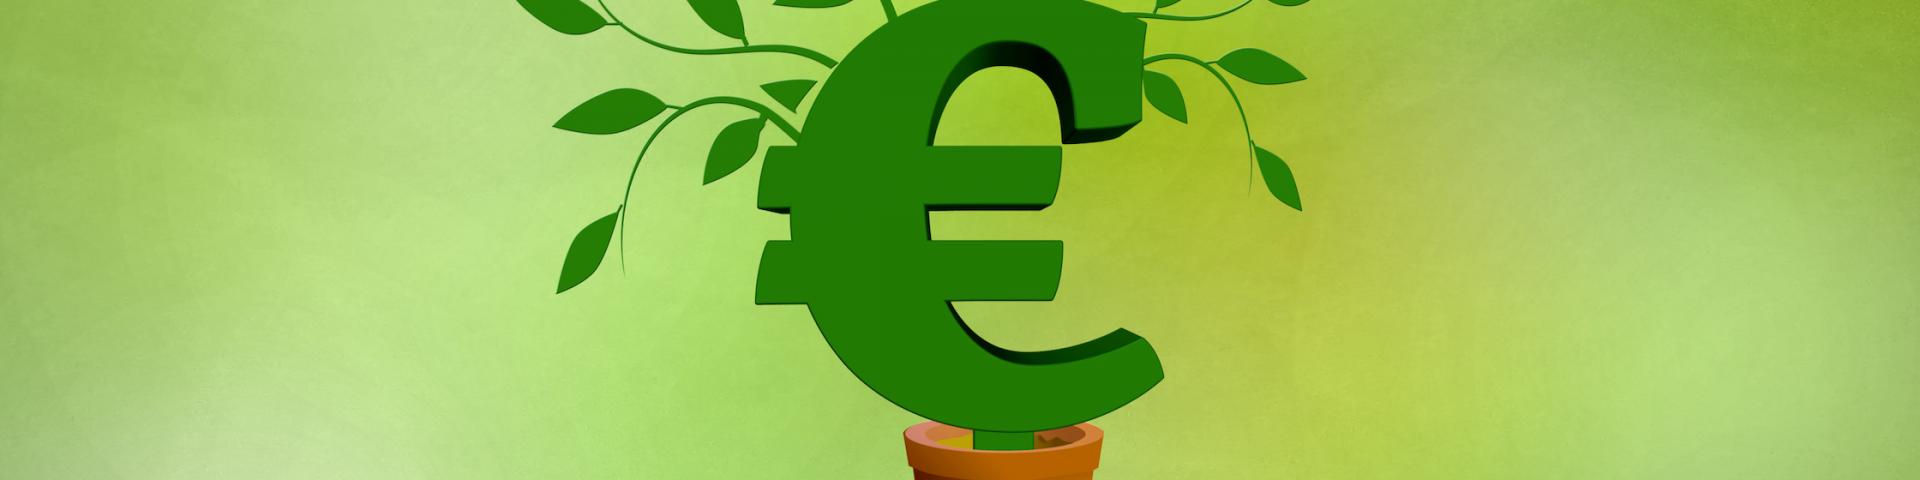 Grünes Euro Symbol auf Hand als Metapher für nachhaltige Finanzierung, Finanzierungsmittel, Beratung von mindful BWL freie Betriebswirte, Innenfinanzierung, öffentliche Geldgeber, Fördermittel für Unternehmen, Bankenfinanzierung, Banken, Sparkassen, Crowdfunding, public funders, subsidies, funding